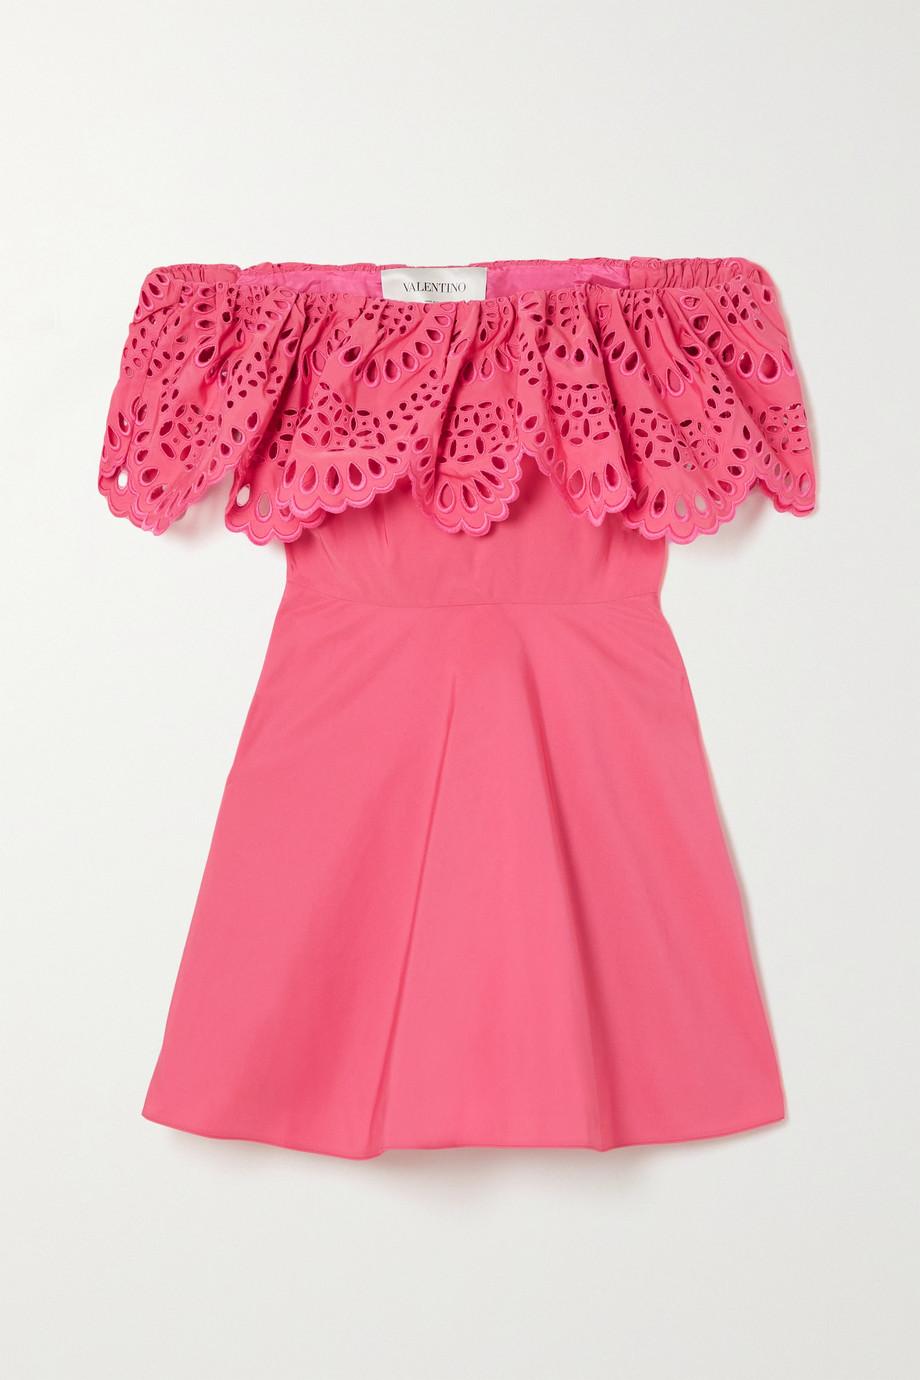 Valentino Mini-robe épaules nues en broderie anglaise de coton mélangé